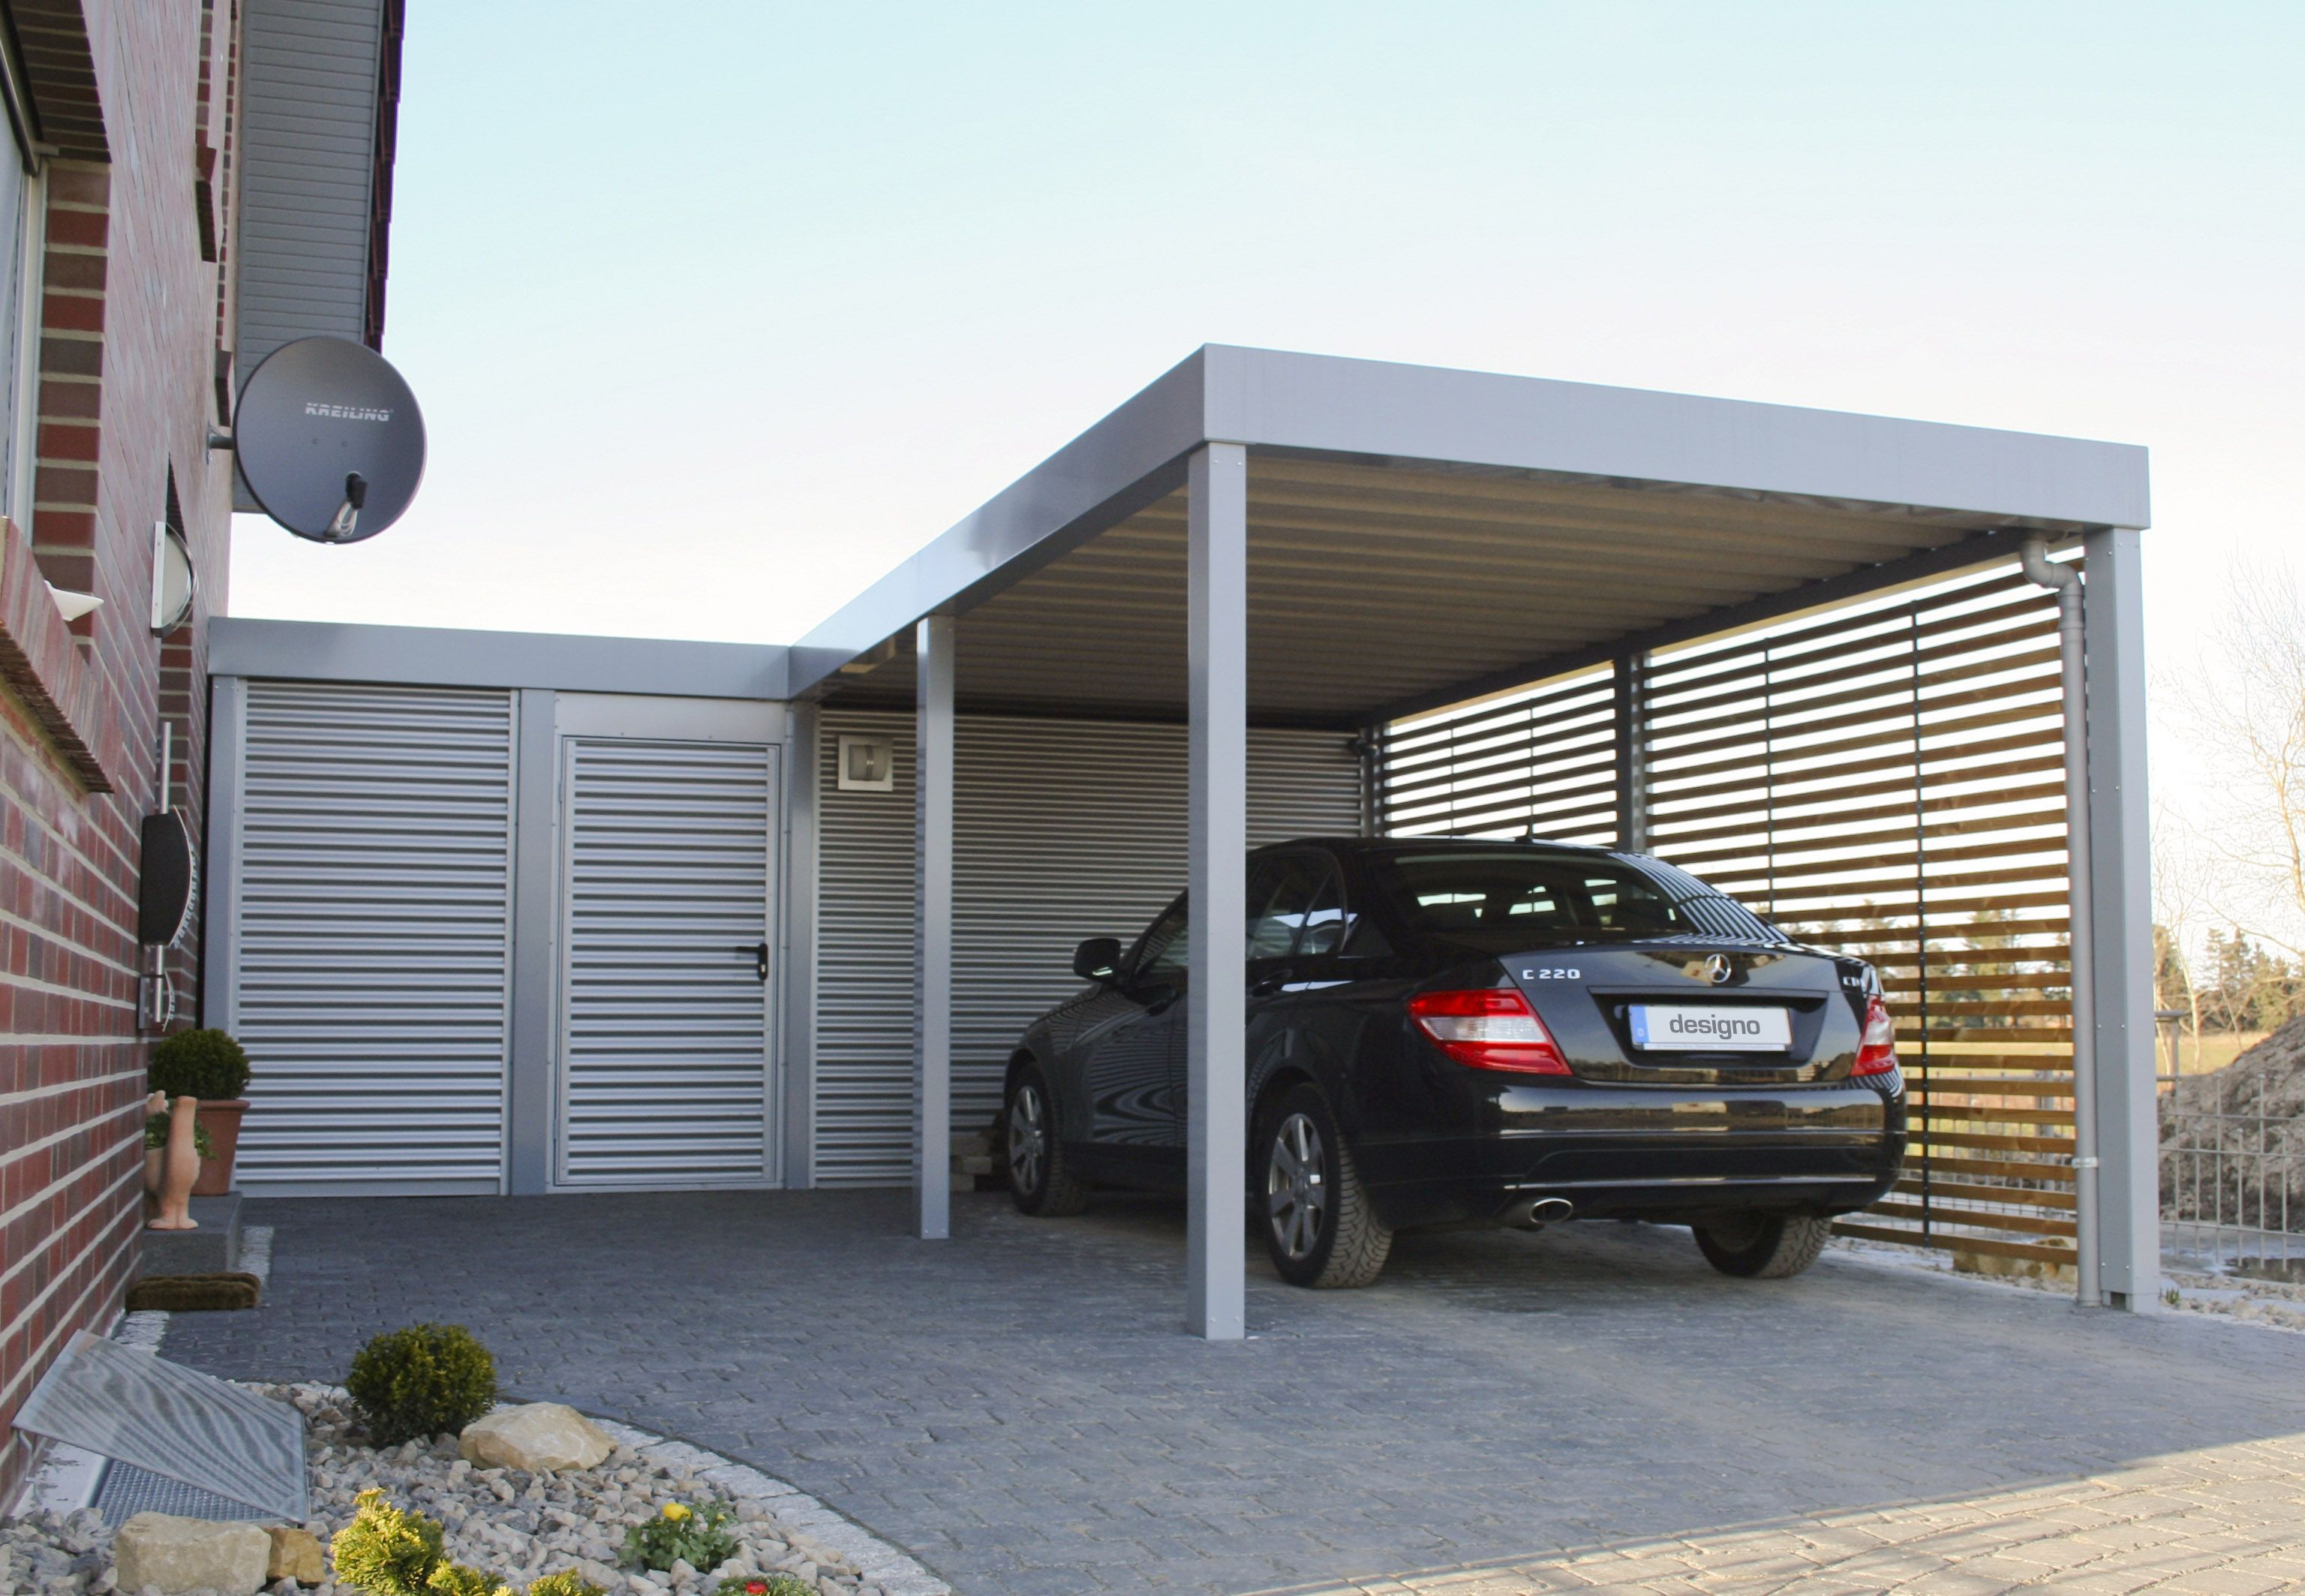 vier tipps zum carport bauen carport dornum pinterest carport garage und. Black Bedroom Furniture Sets. Home Design Ideas